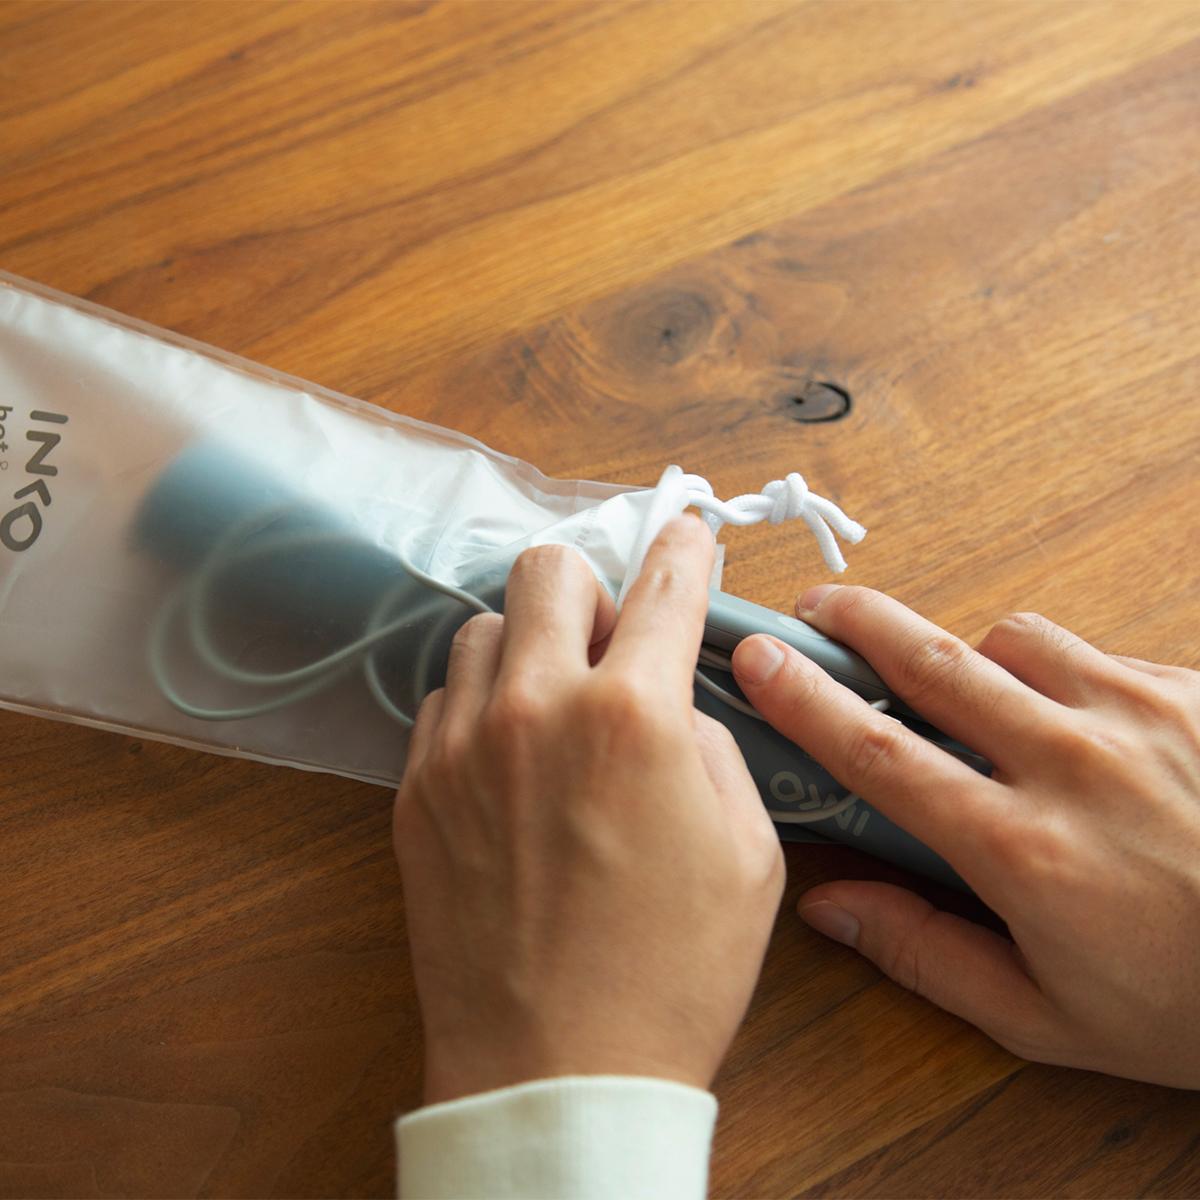 モバイルバッテリーでどこへでも防寒対策・冷え対策・温活。オフィス・旅行・アウトドアに!開発に10年かけた、インクで安全発熱するシート型ヒーター「USB式温熱マット」|INKO(インコ)